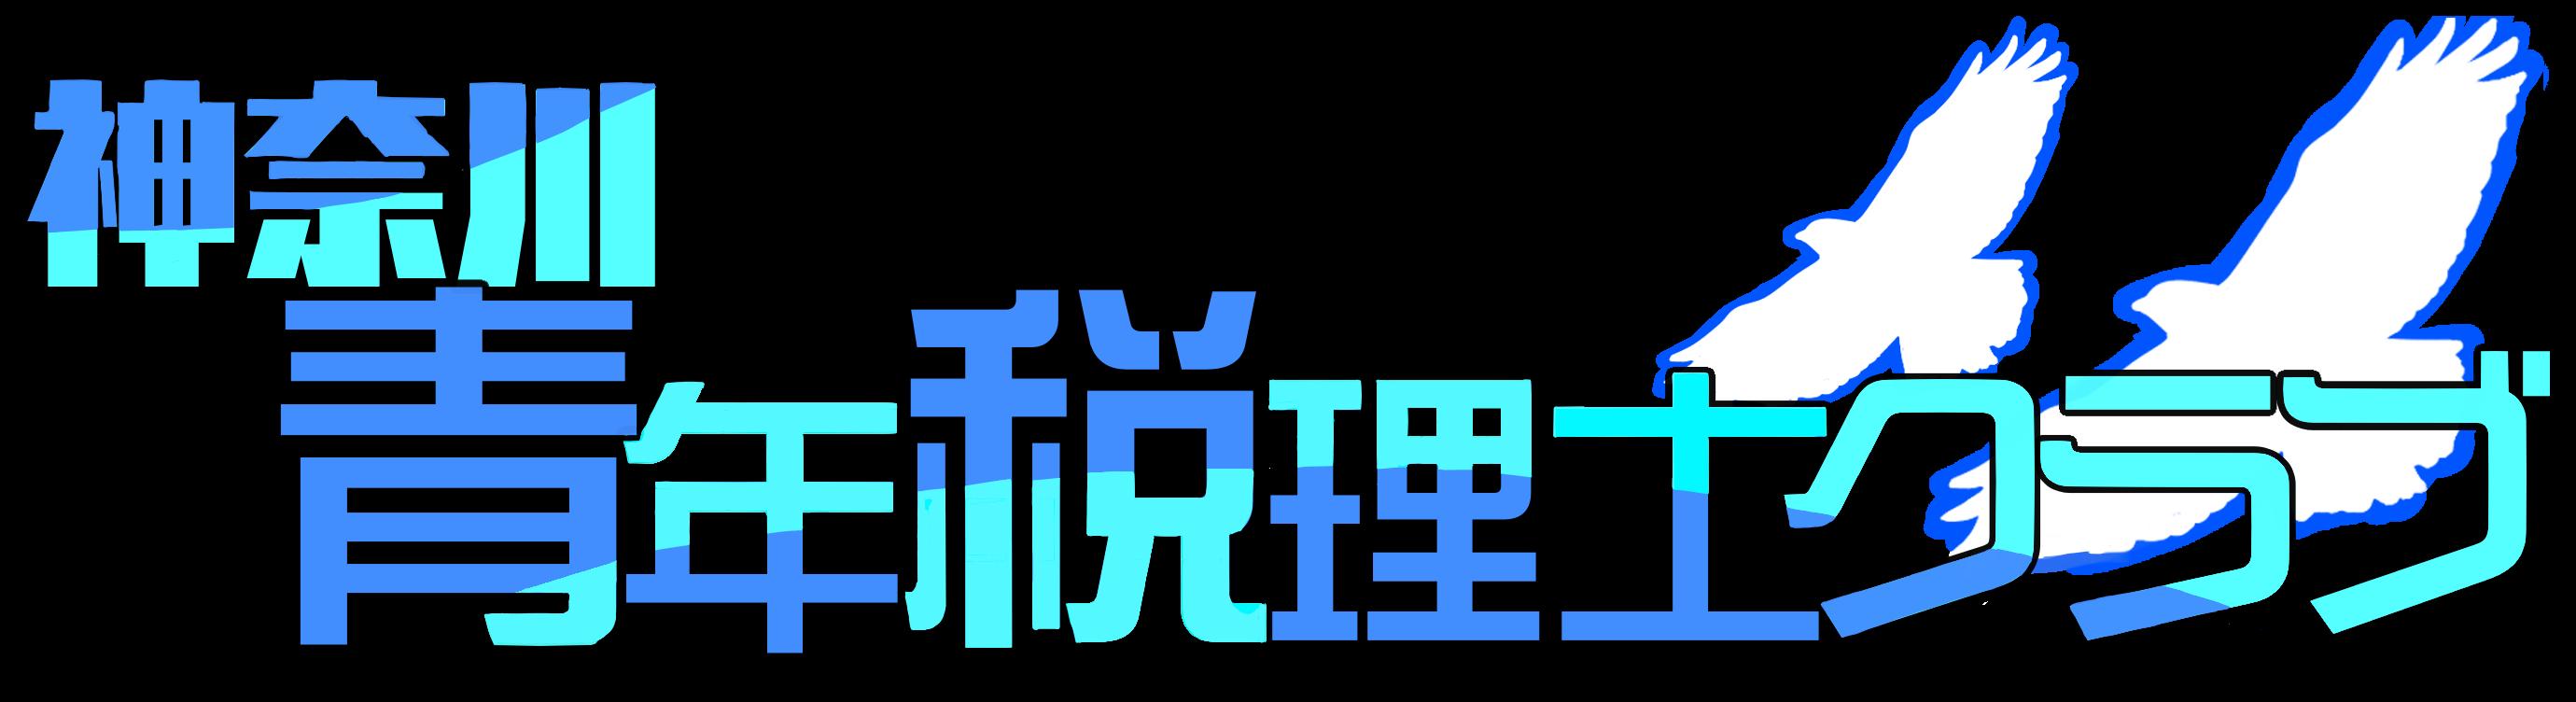 神奈川青年税理士クラブ